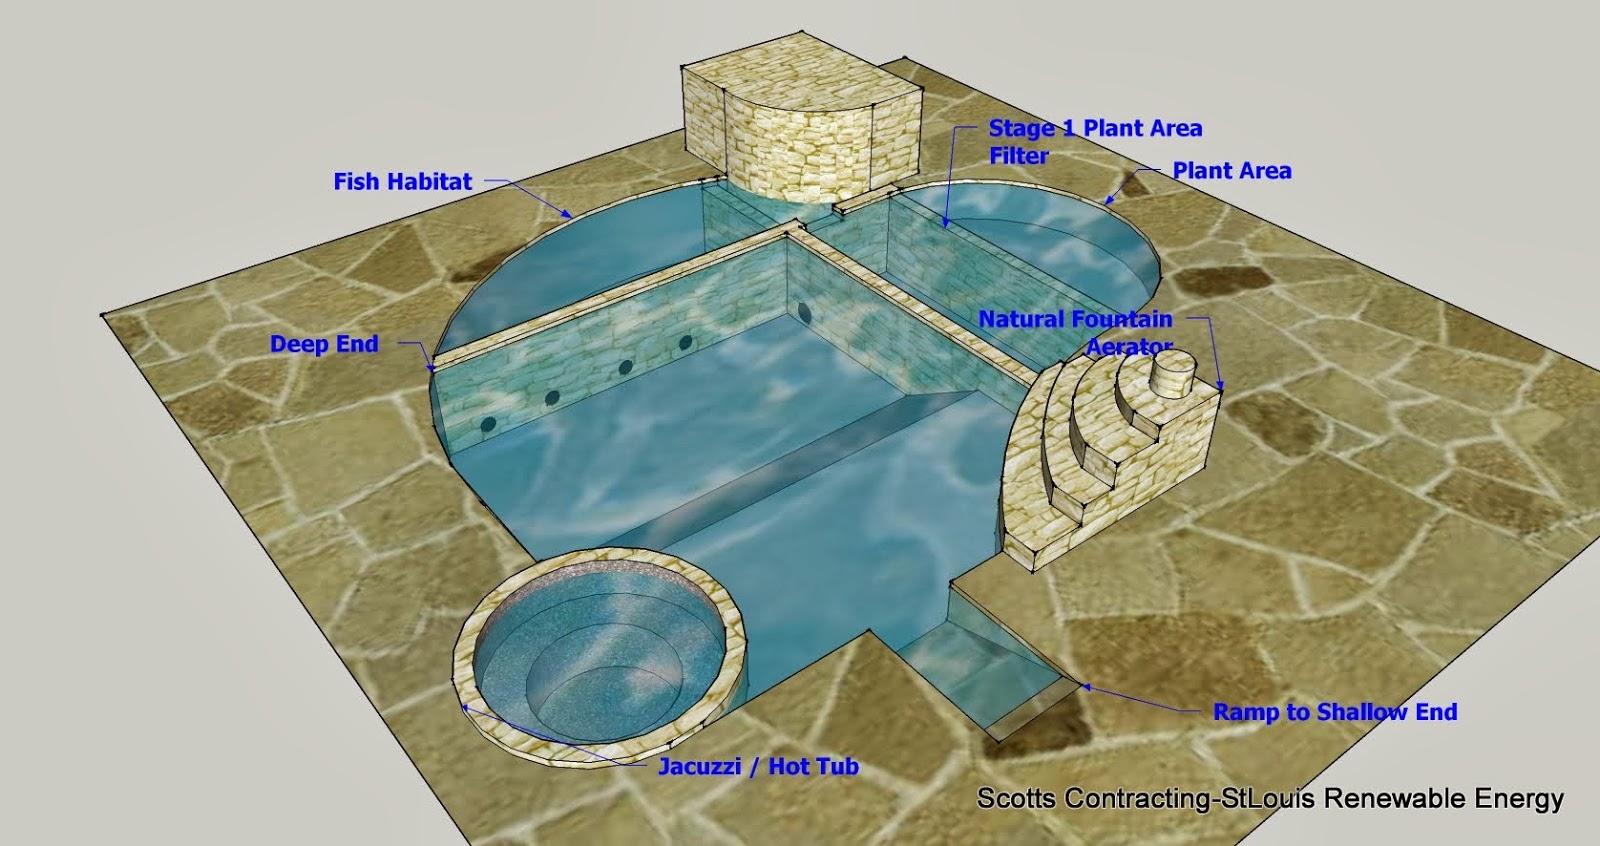 Stlouis renewable energy natural swimming pool design for Swimming pool fish